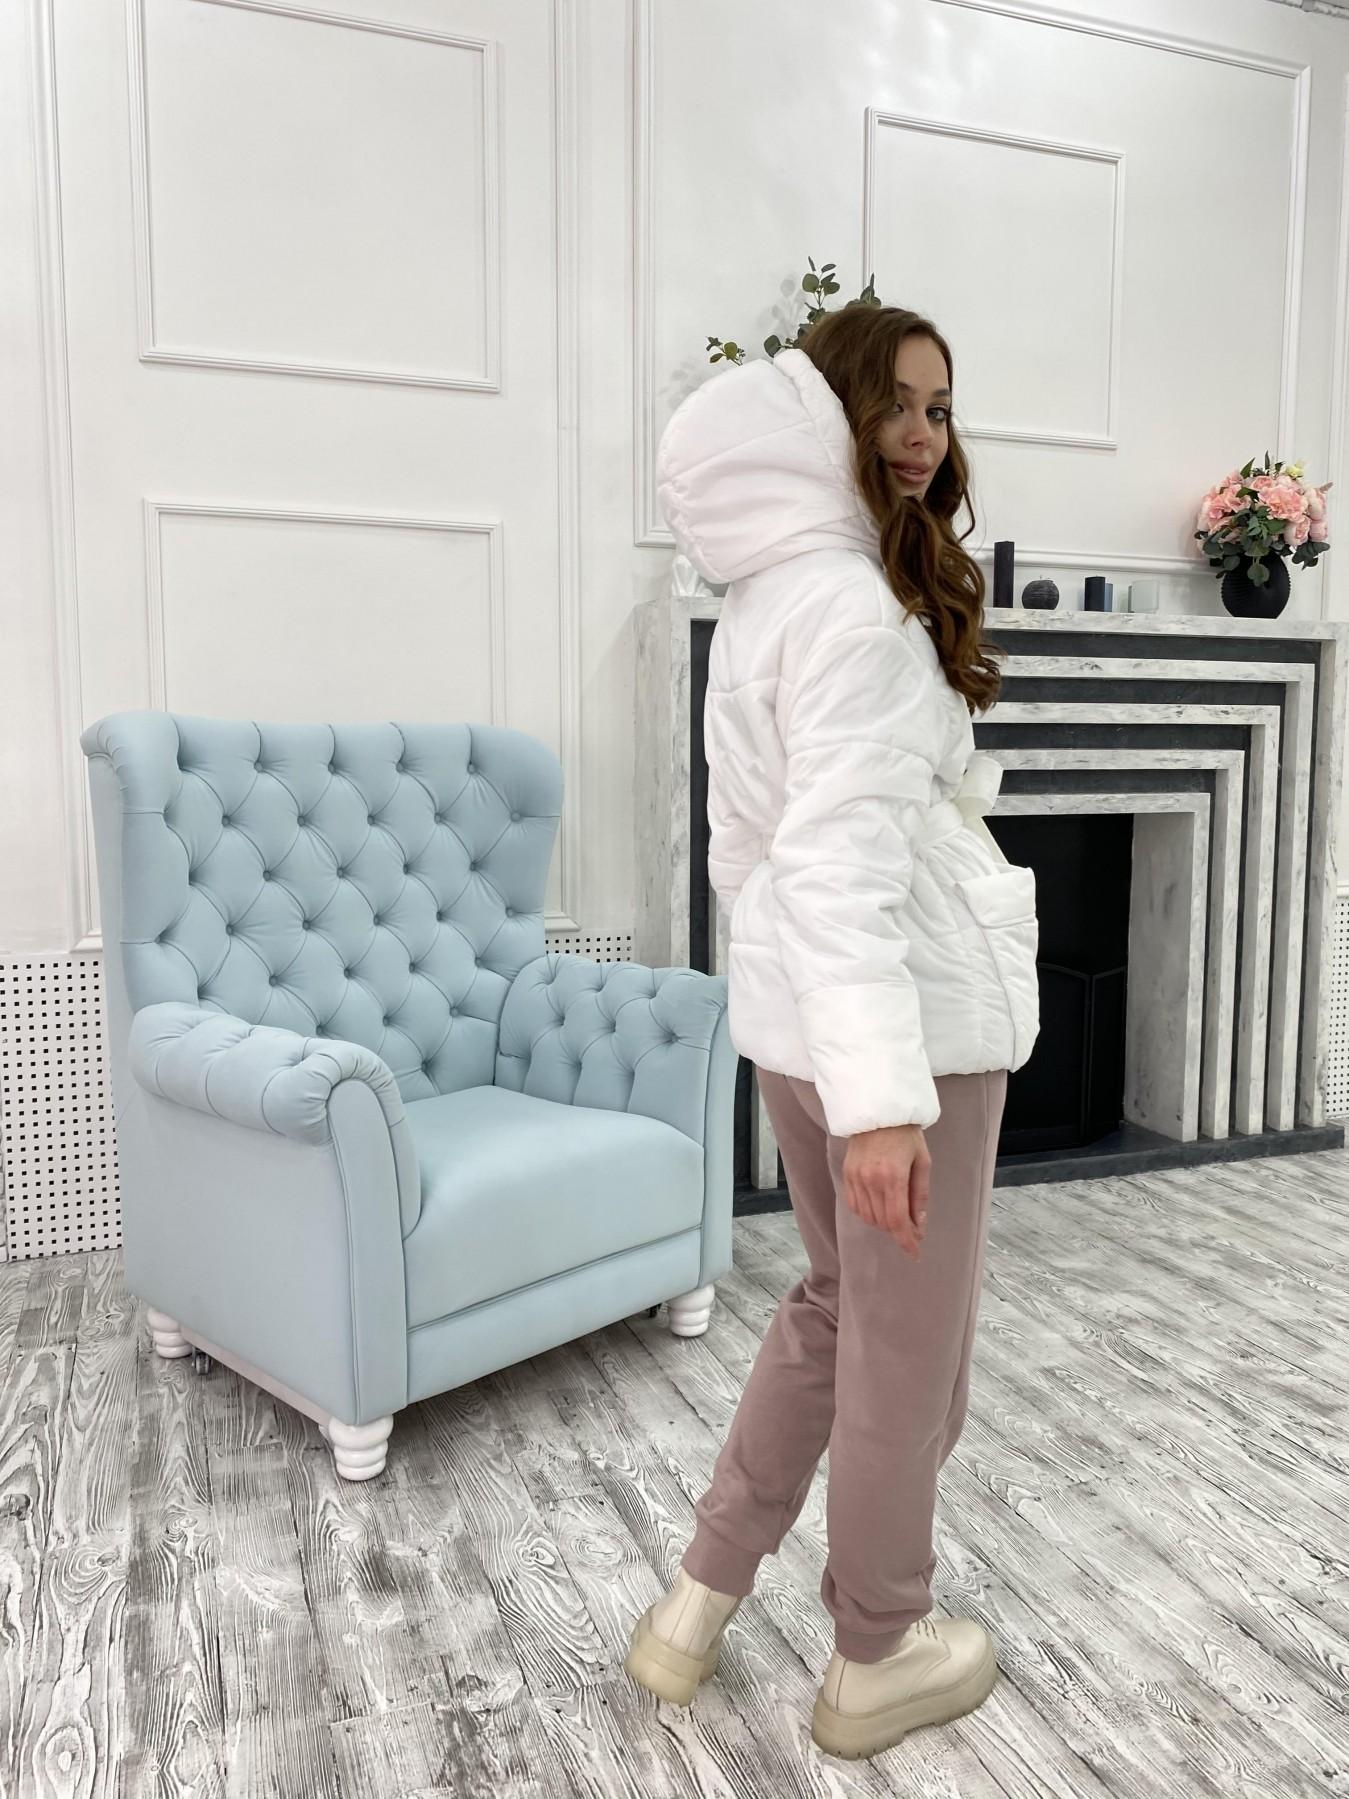 Док куртка из  плащевки Ammy 10822 АРТ. 47311 Цвет: Белый - фото 8, интернет магазин tm-modus.ru